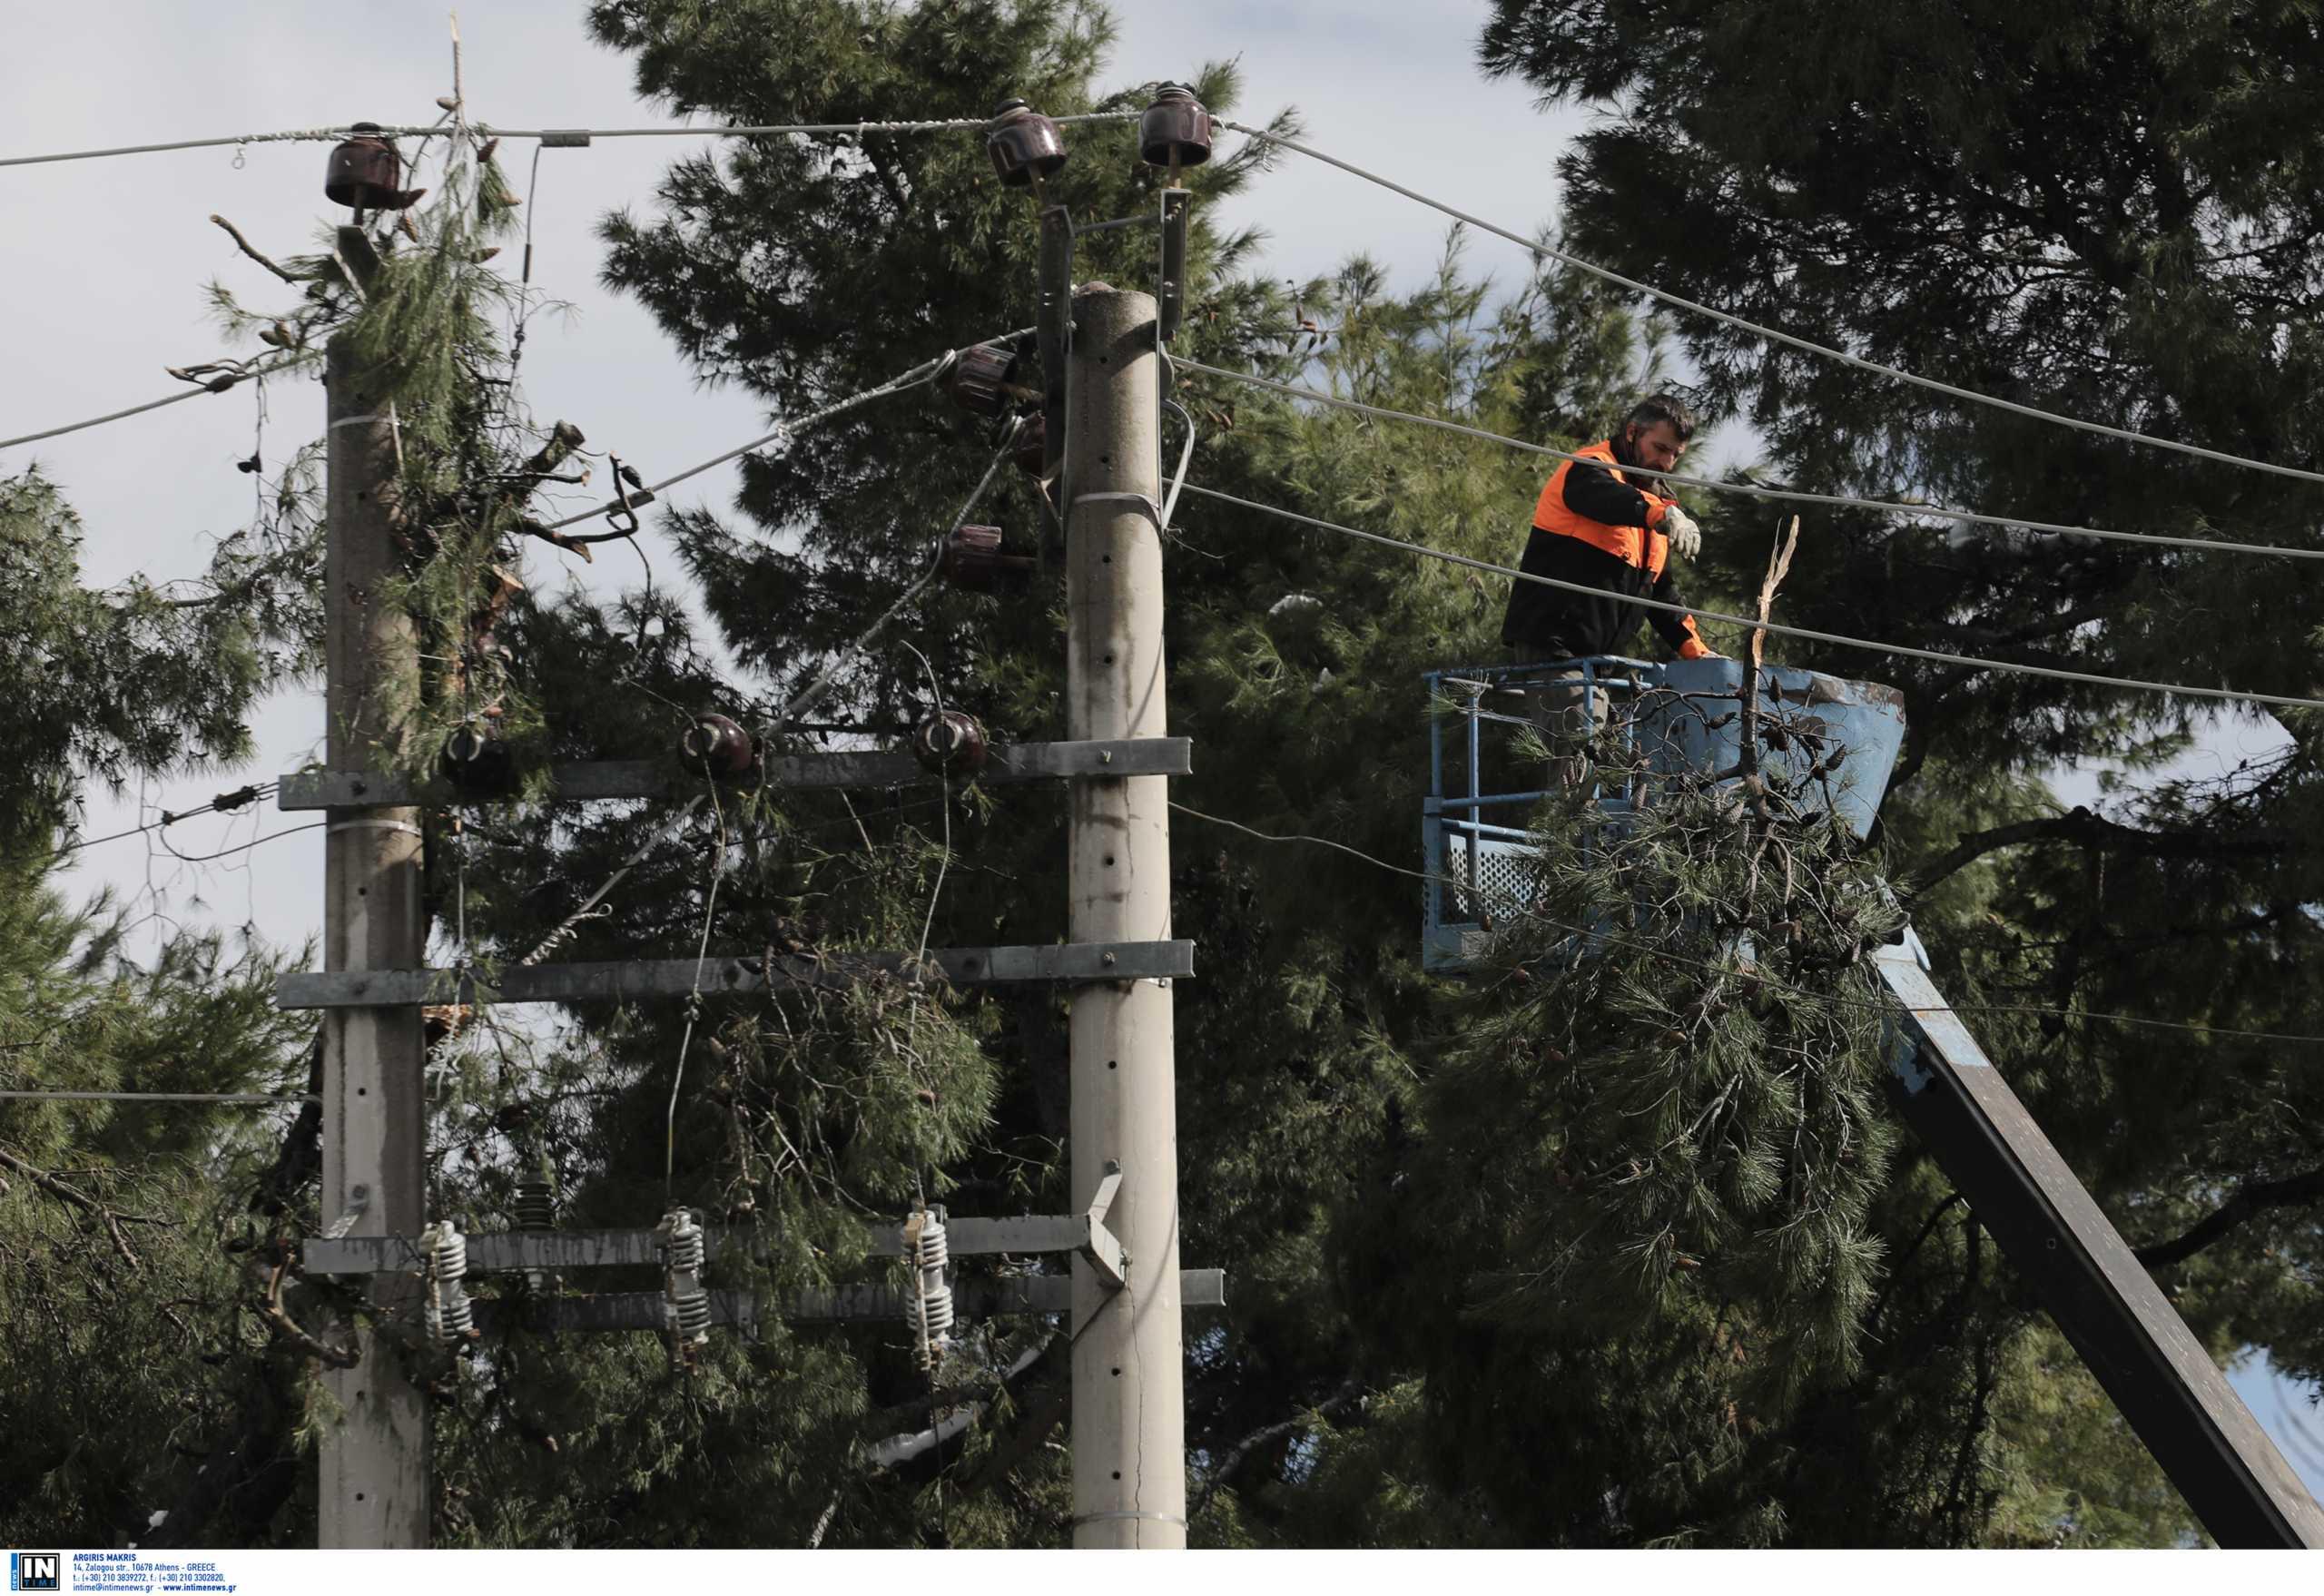 ΔΕΗ: Προσανατολίζεται σε δωρεά των τελών δικτύου διανομής στα νοικοκυριά χωρίς ρεύμα